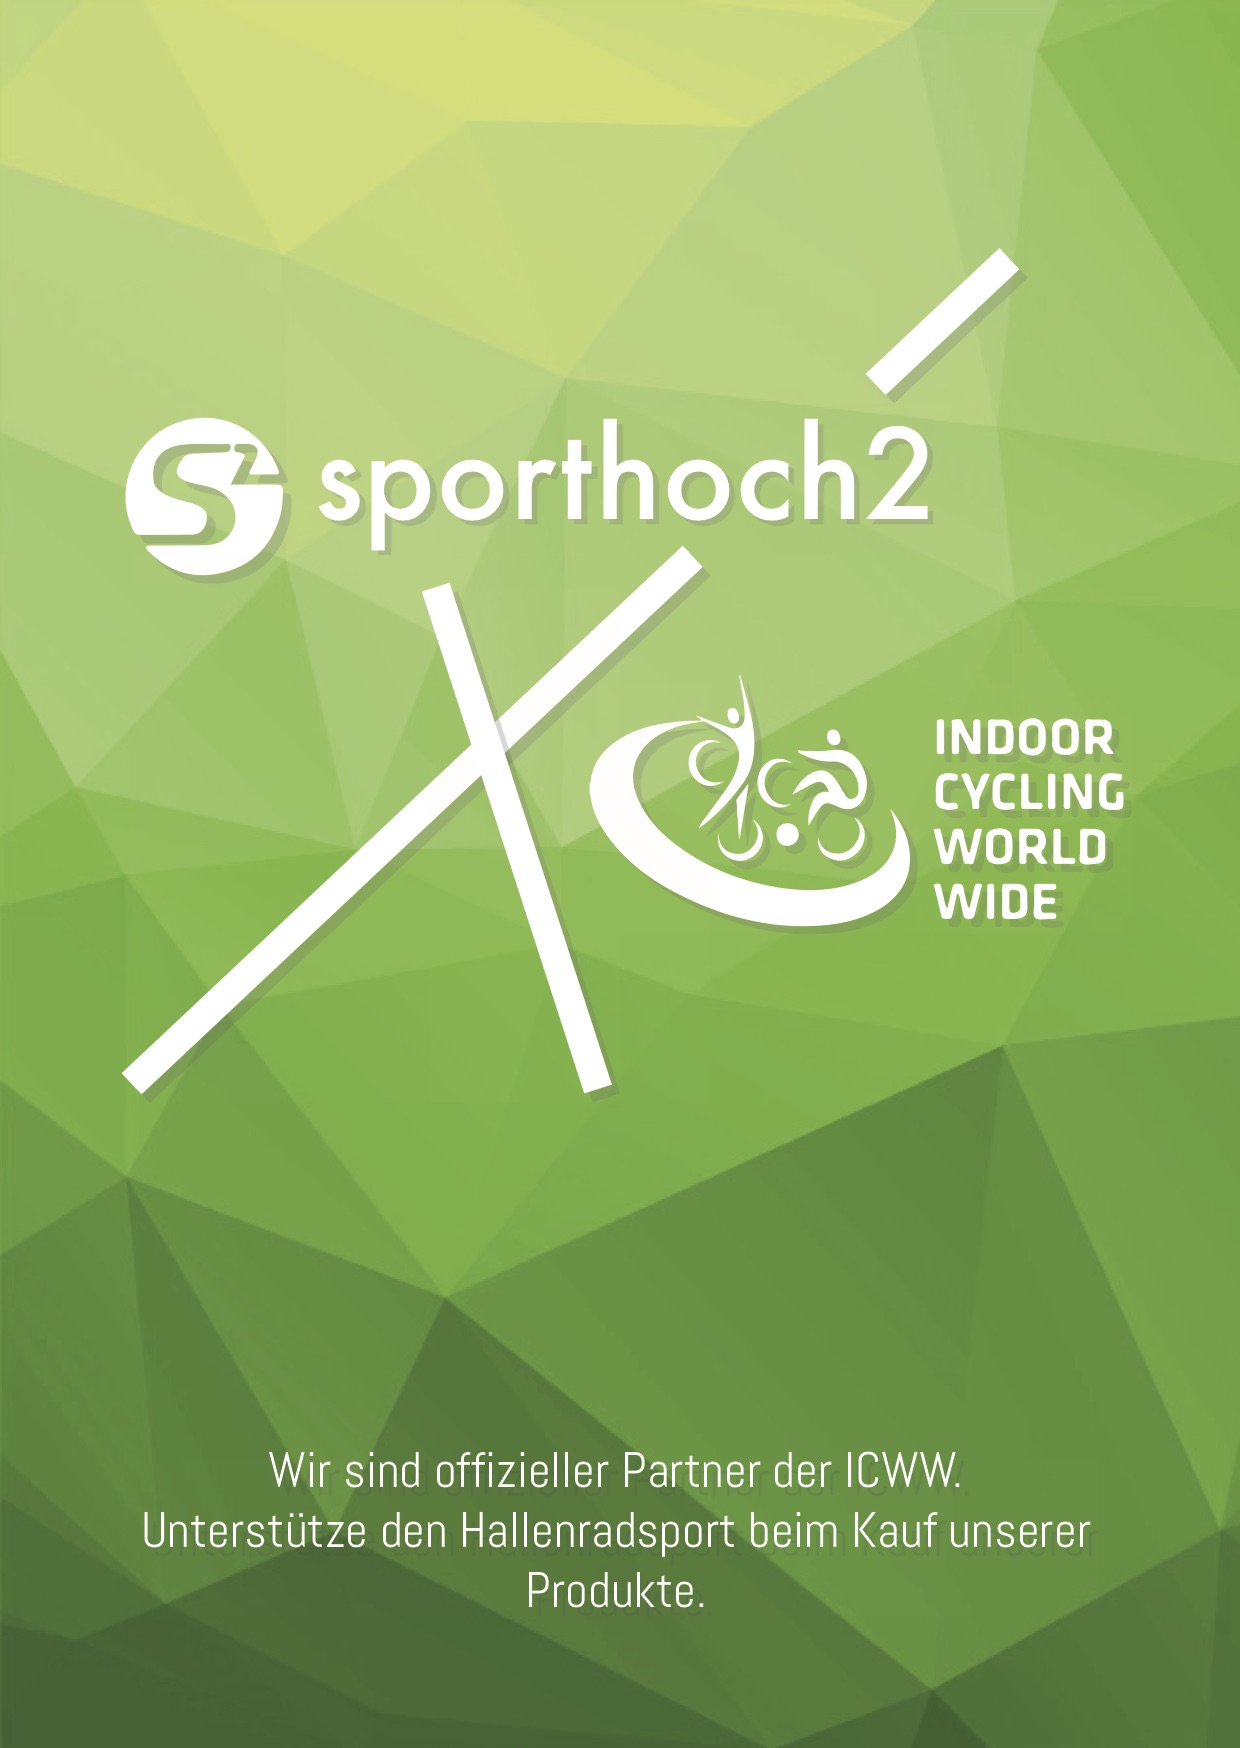 ICWW Merchandise Programm - Förderprodukte Hallenradsport